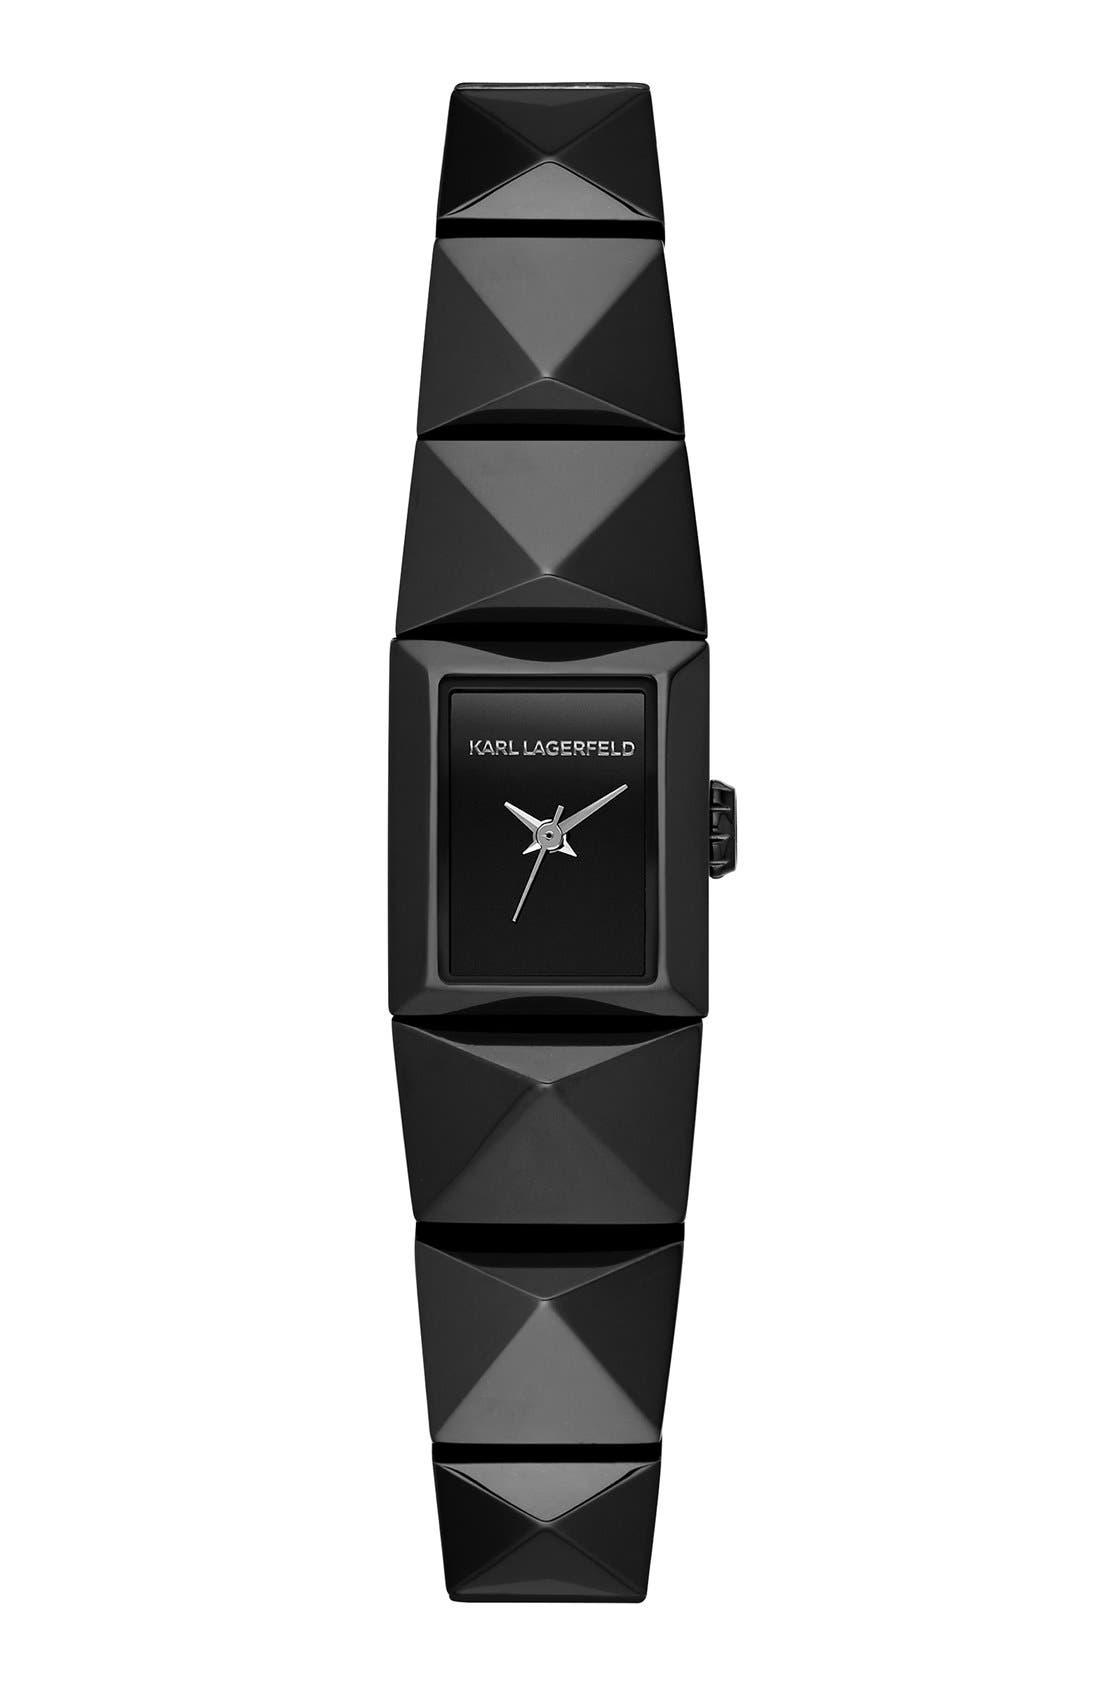 Main Image - KARL LAGERFELD 'Mini Perspektive' Pyramid Bracelet Watch, 18mm x 21mm